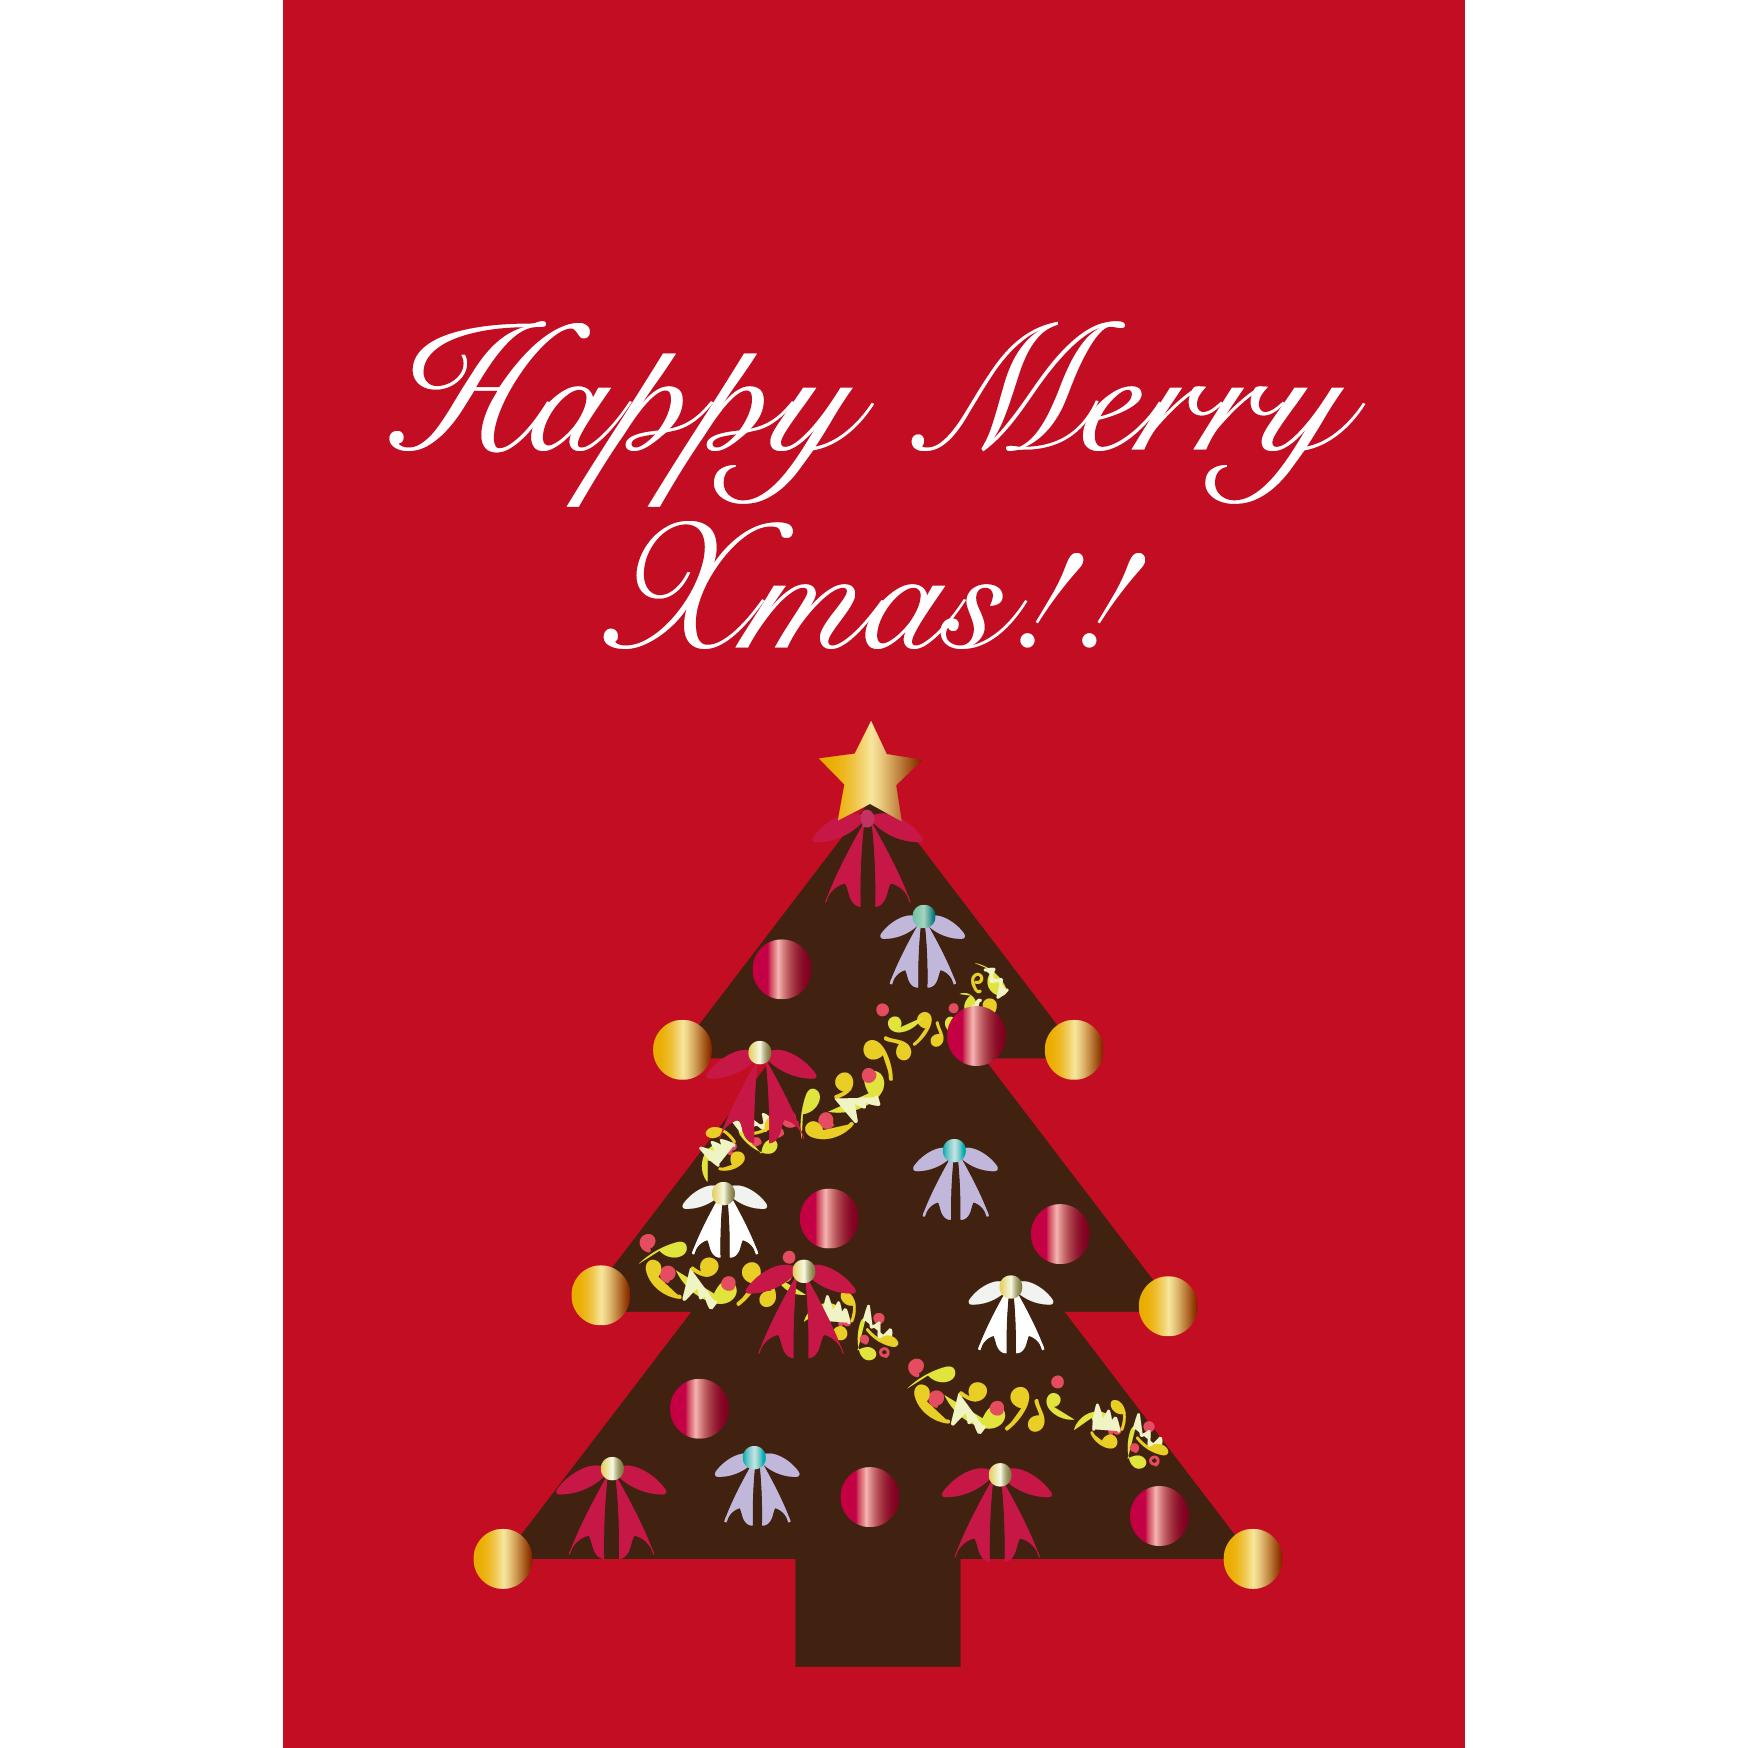 グリーティングクリスマスツリーのカードイラスト 商用